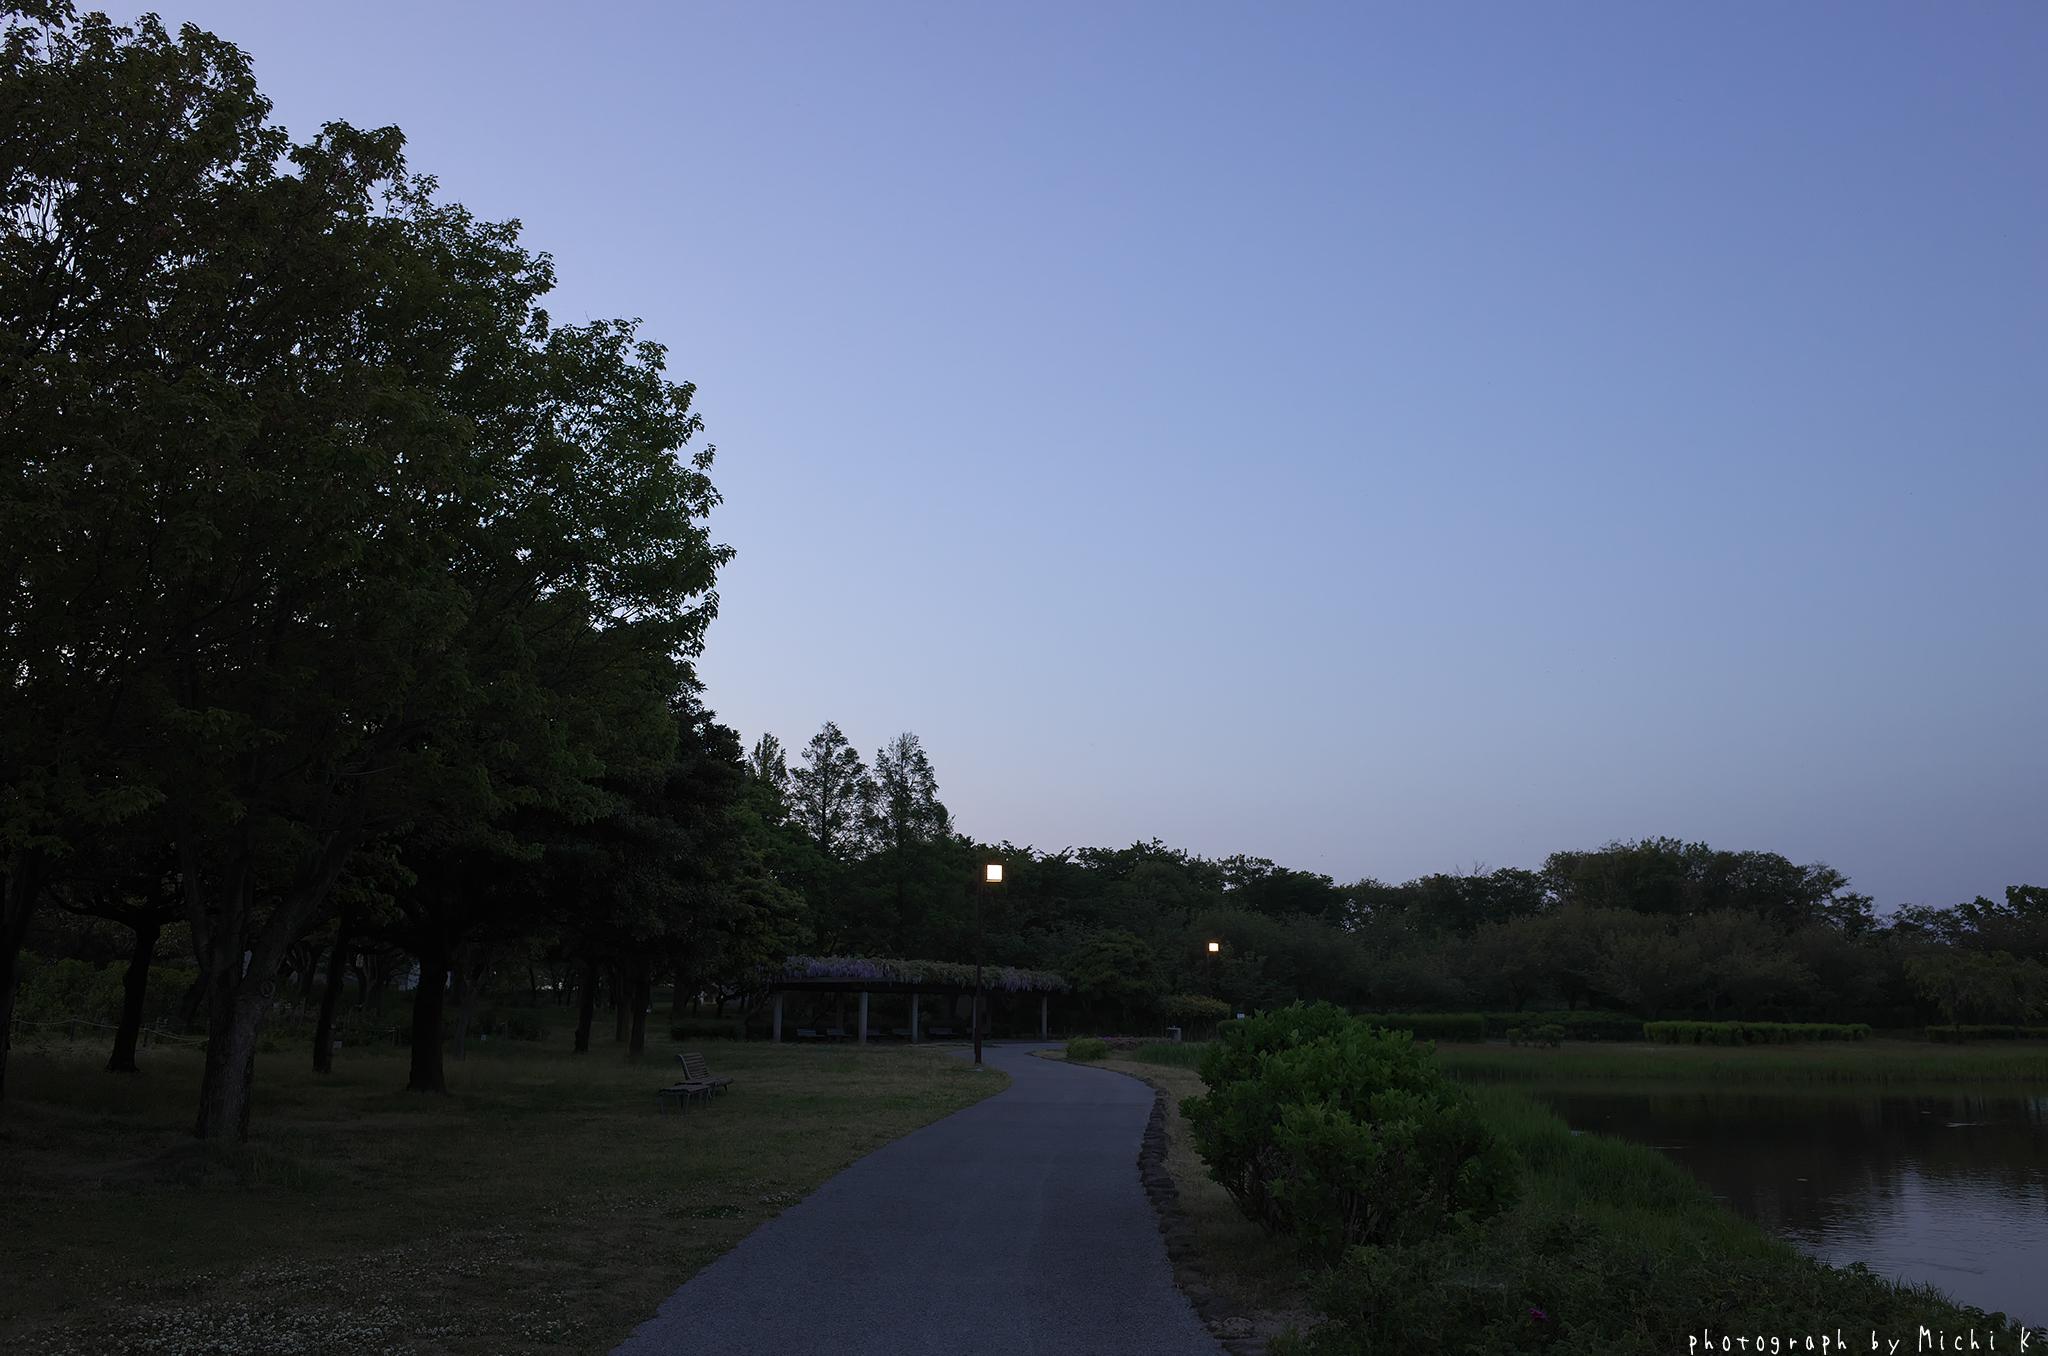 土門拳記念館2019-5-16日没後(写真その3)